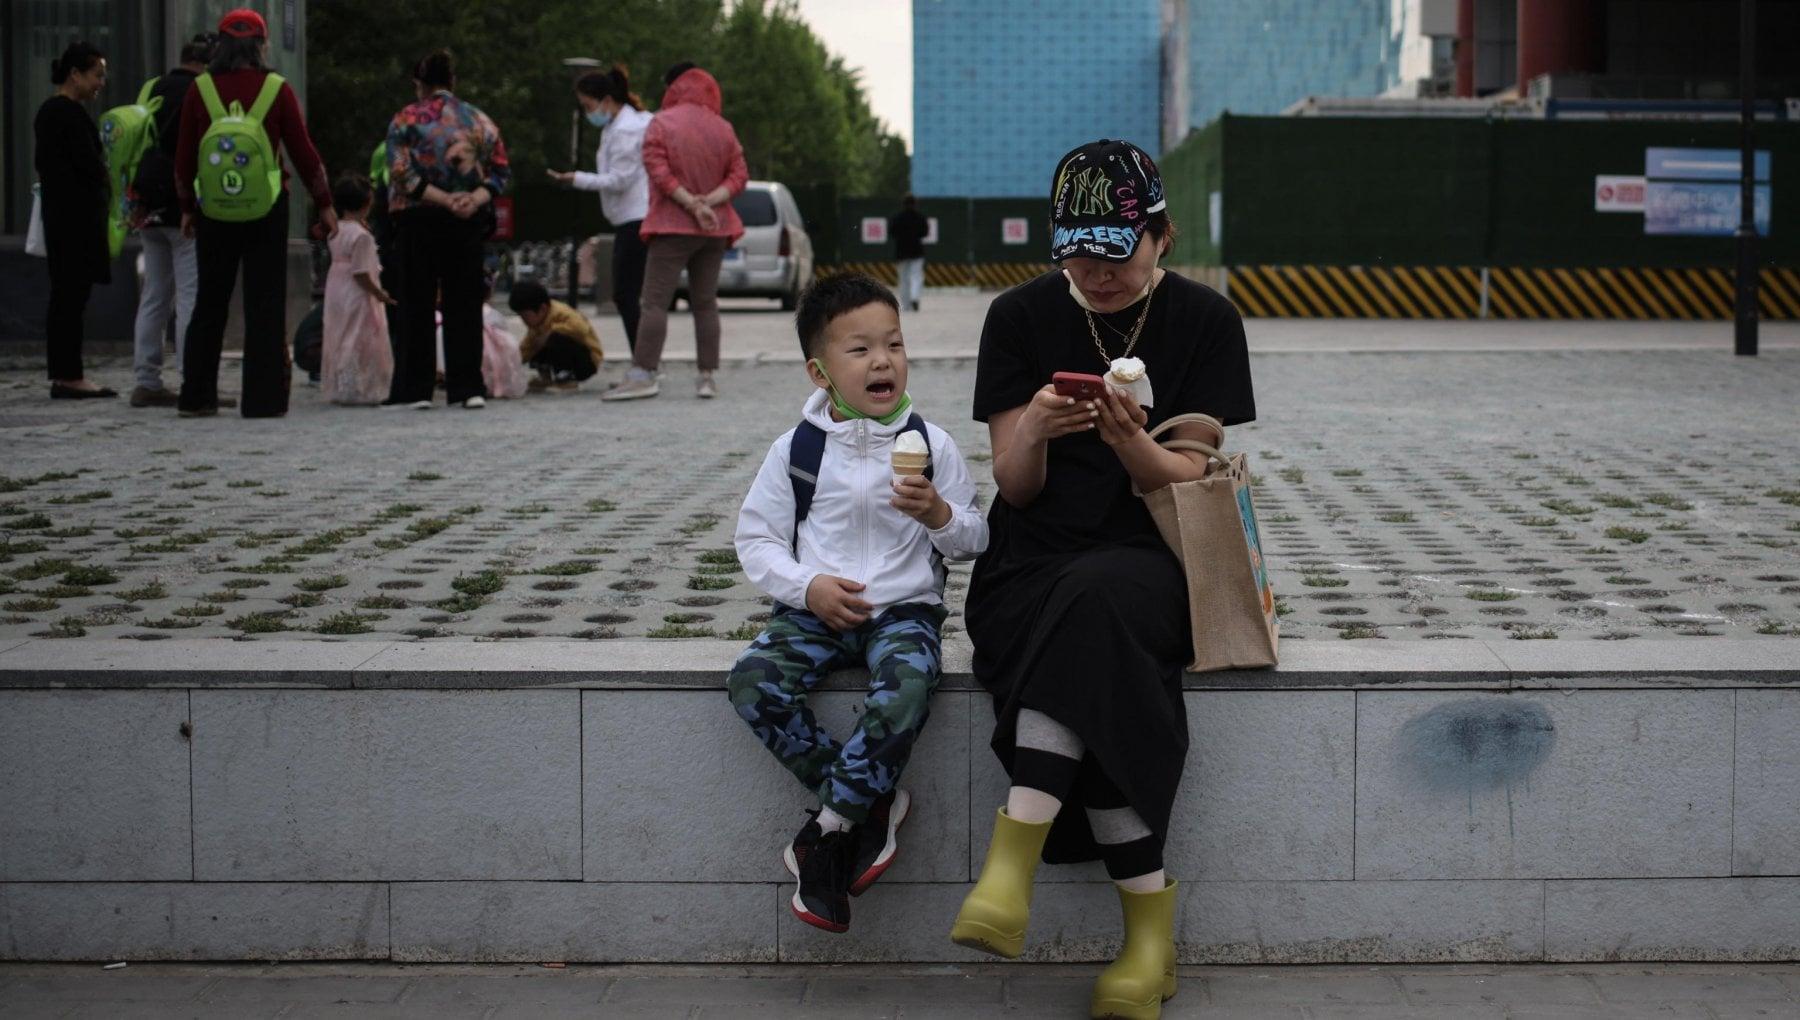 114905260 5b55d746 3a0d 4260 95cd 1a14311e395b - Cina, perché il calo della crescita della popolazione potrebbe frenare l'economia del Dragone